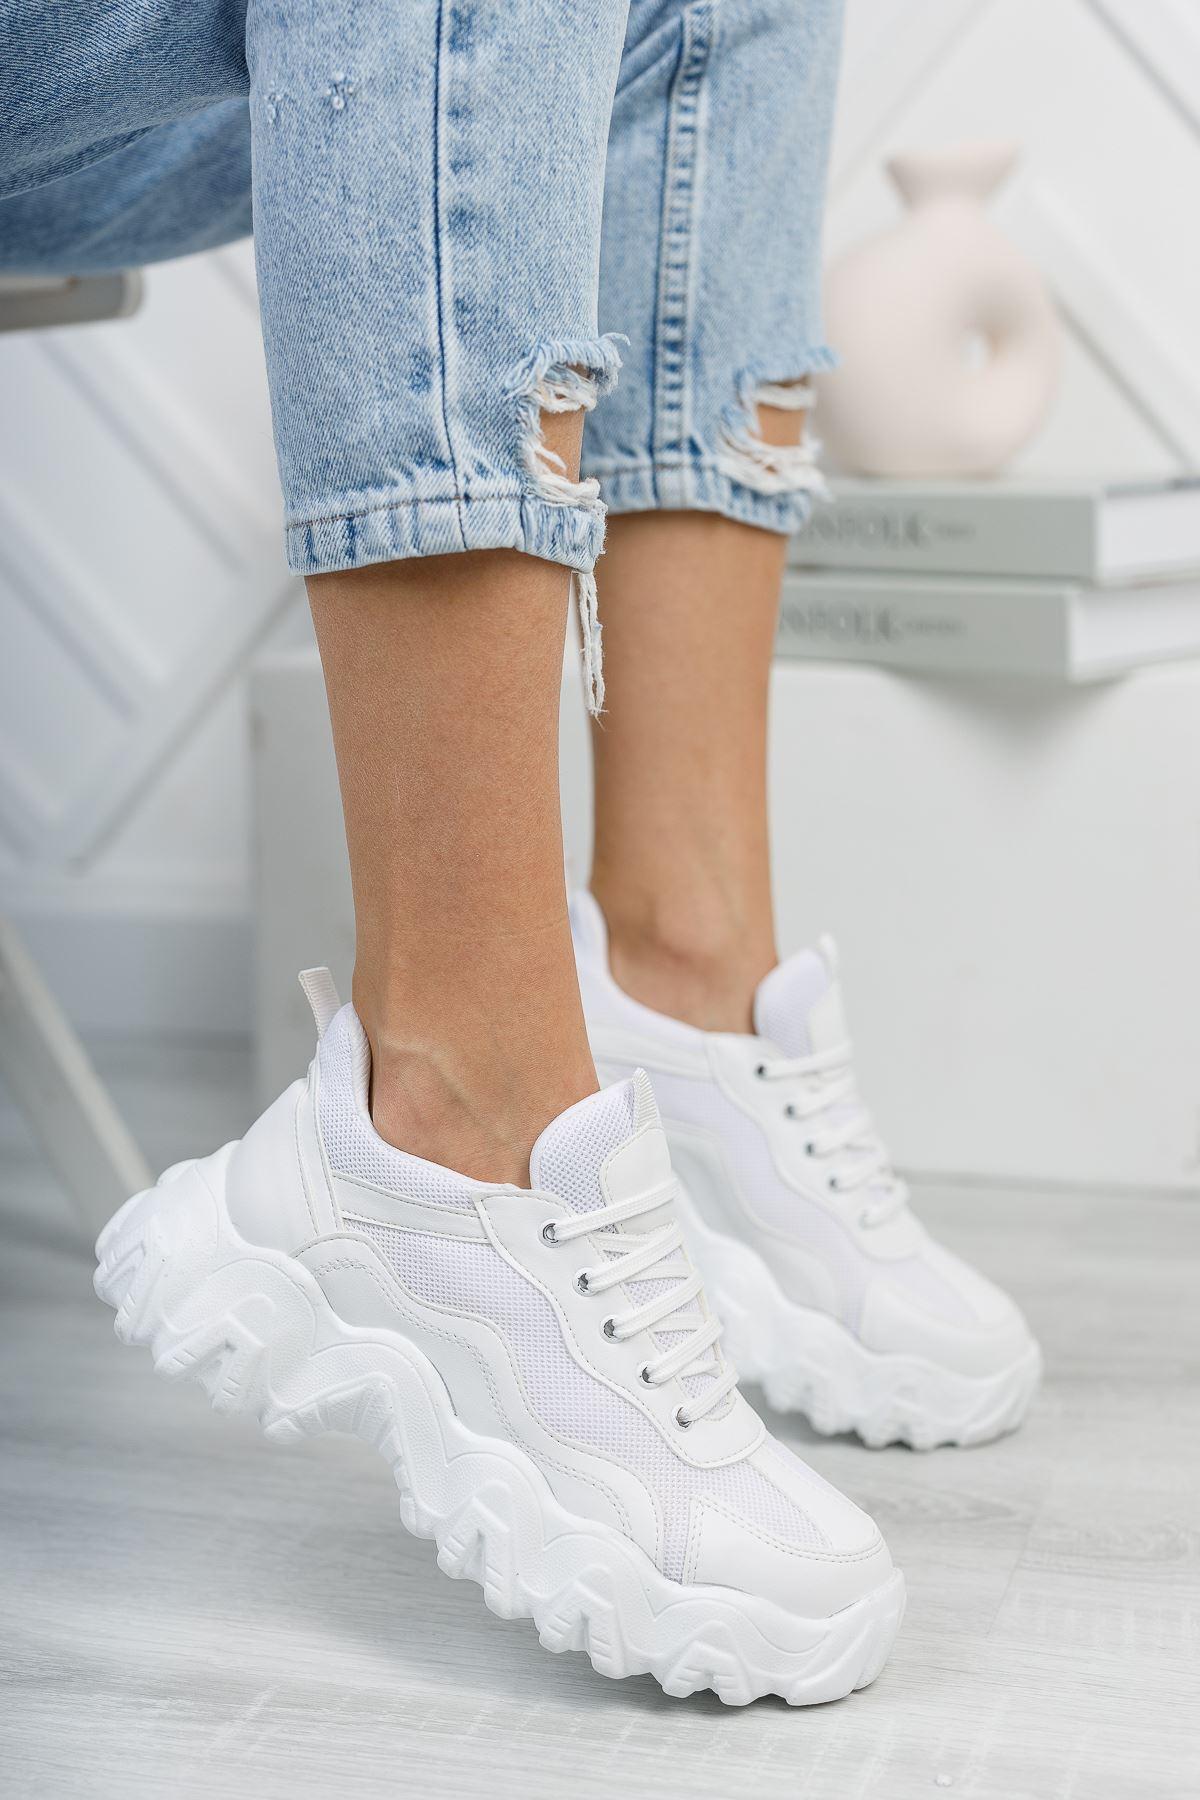 Rapina Beyaz Mat Deri Bağcıklı Kadın Spor Ayakkabı